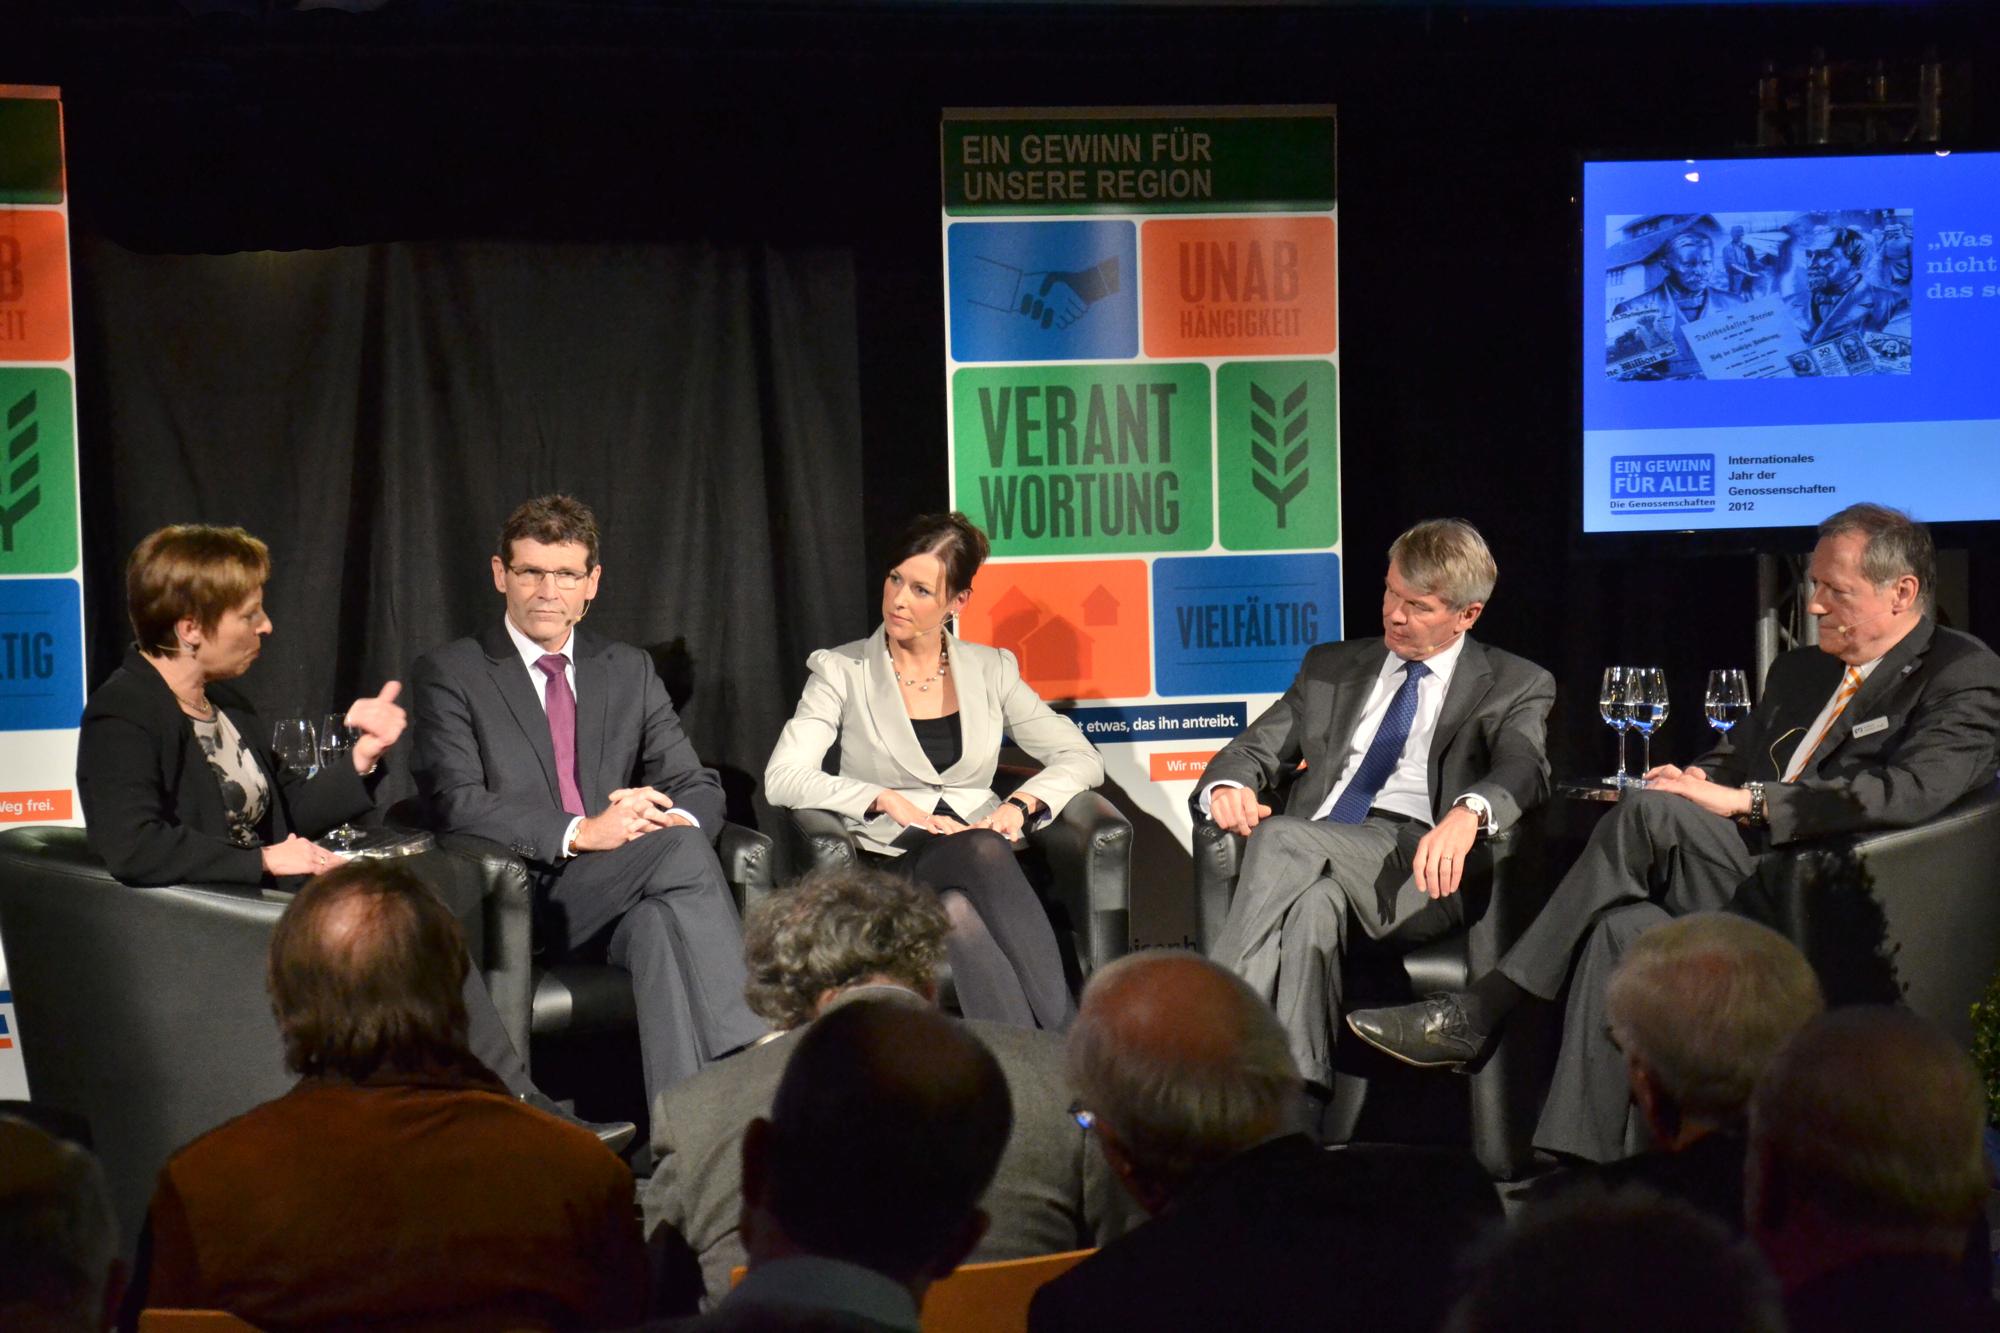 Geno Symposium 2012